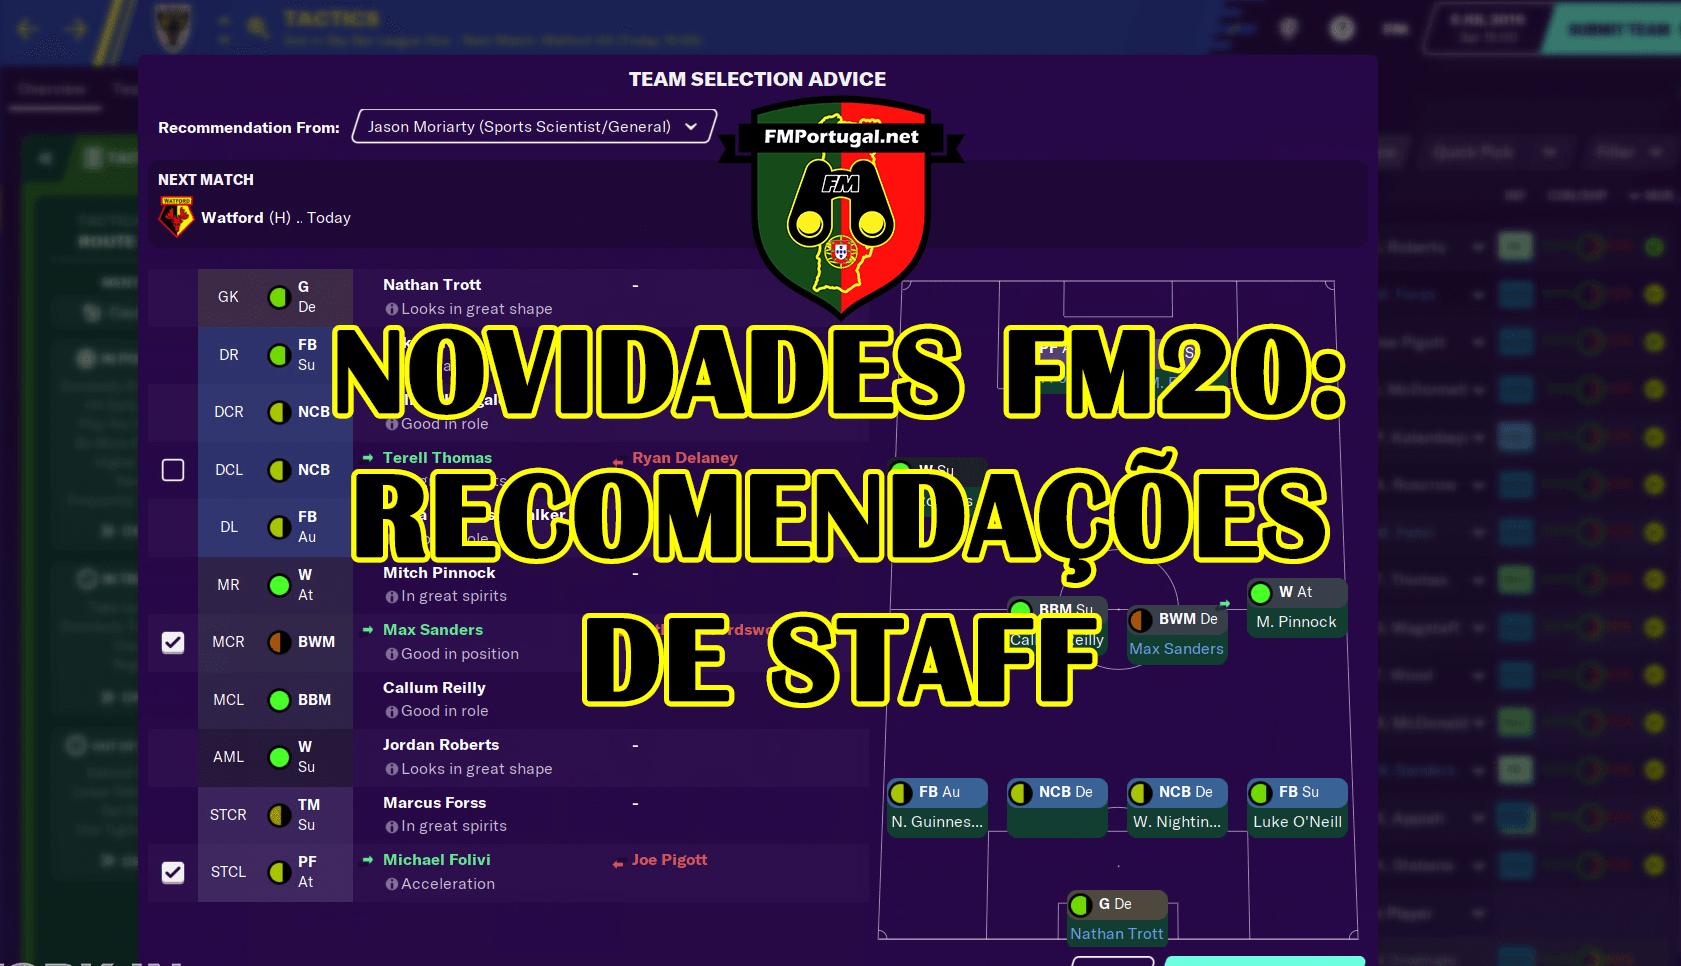 Novidades FM20: Recomendações do staff técnico